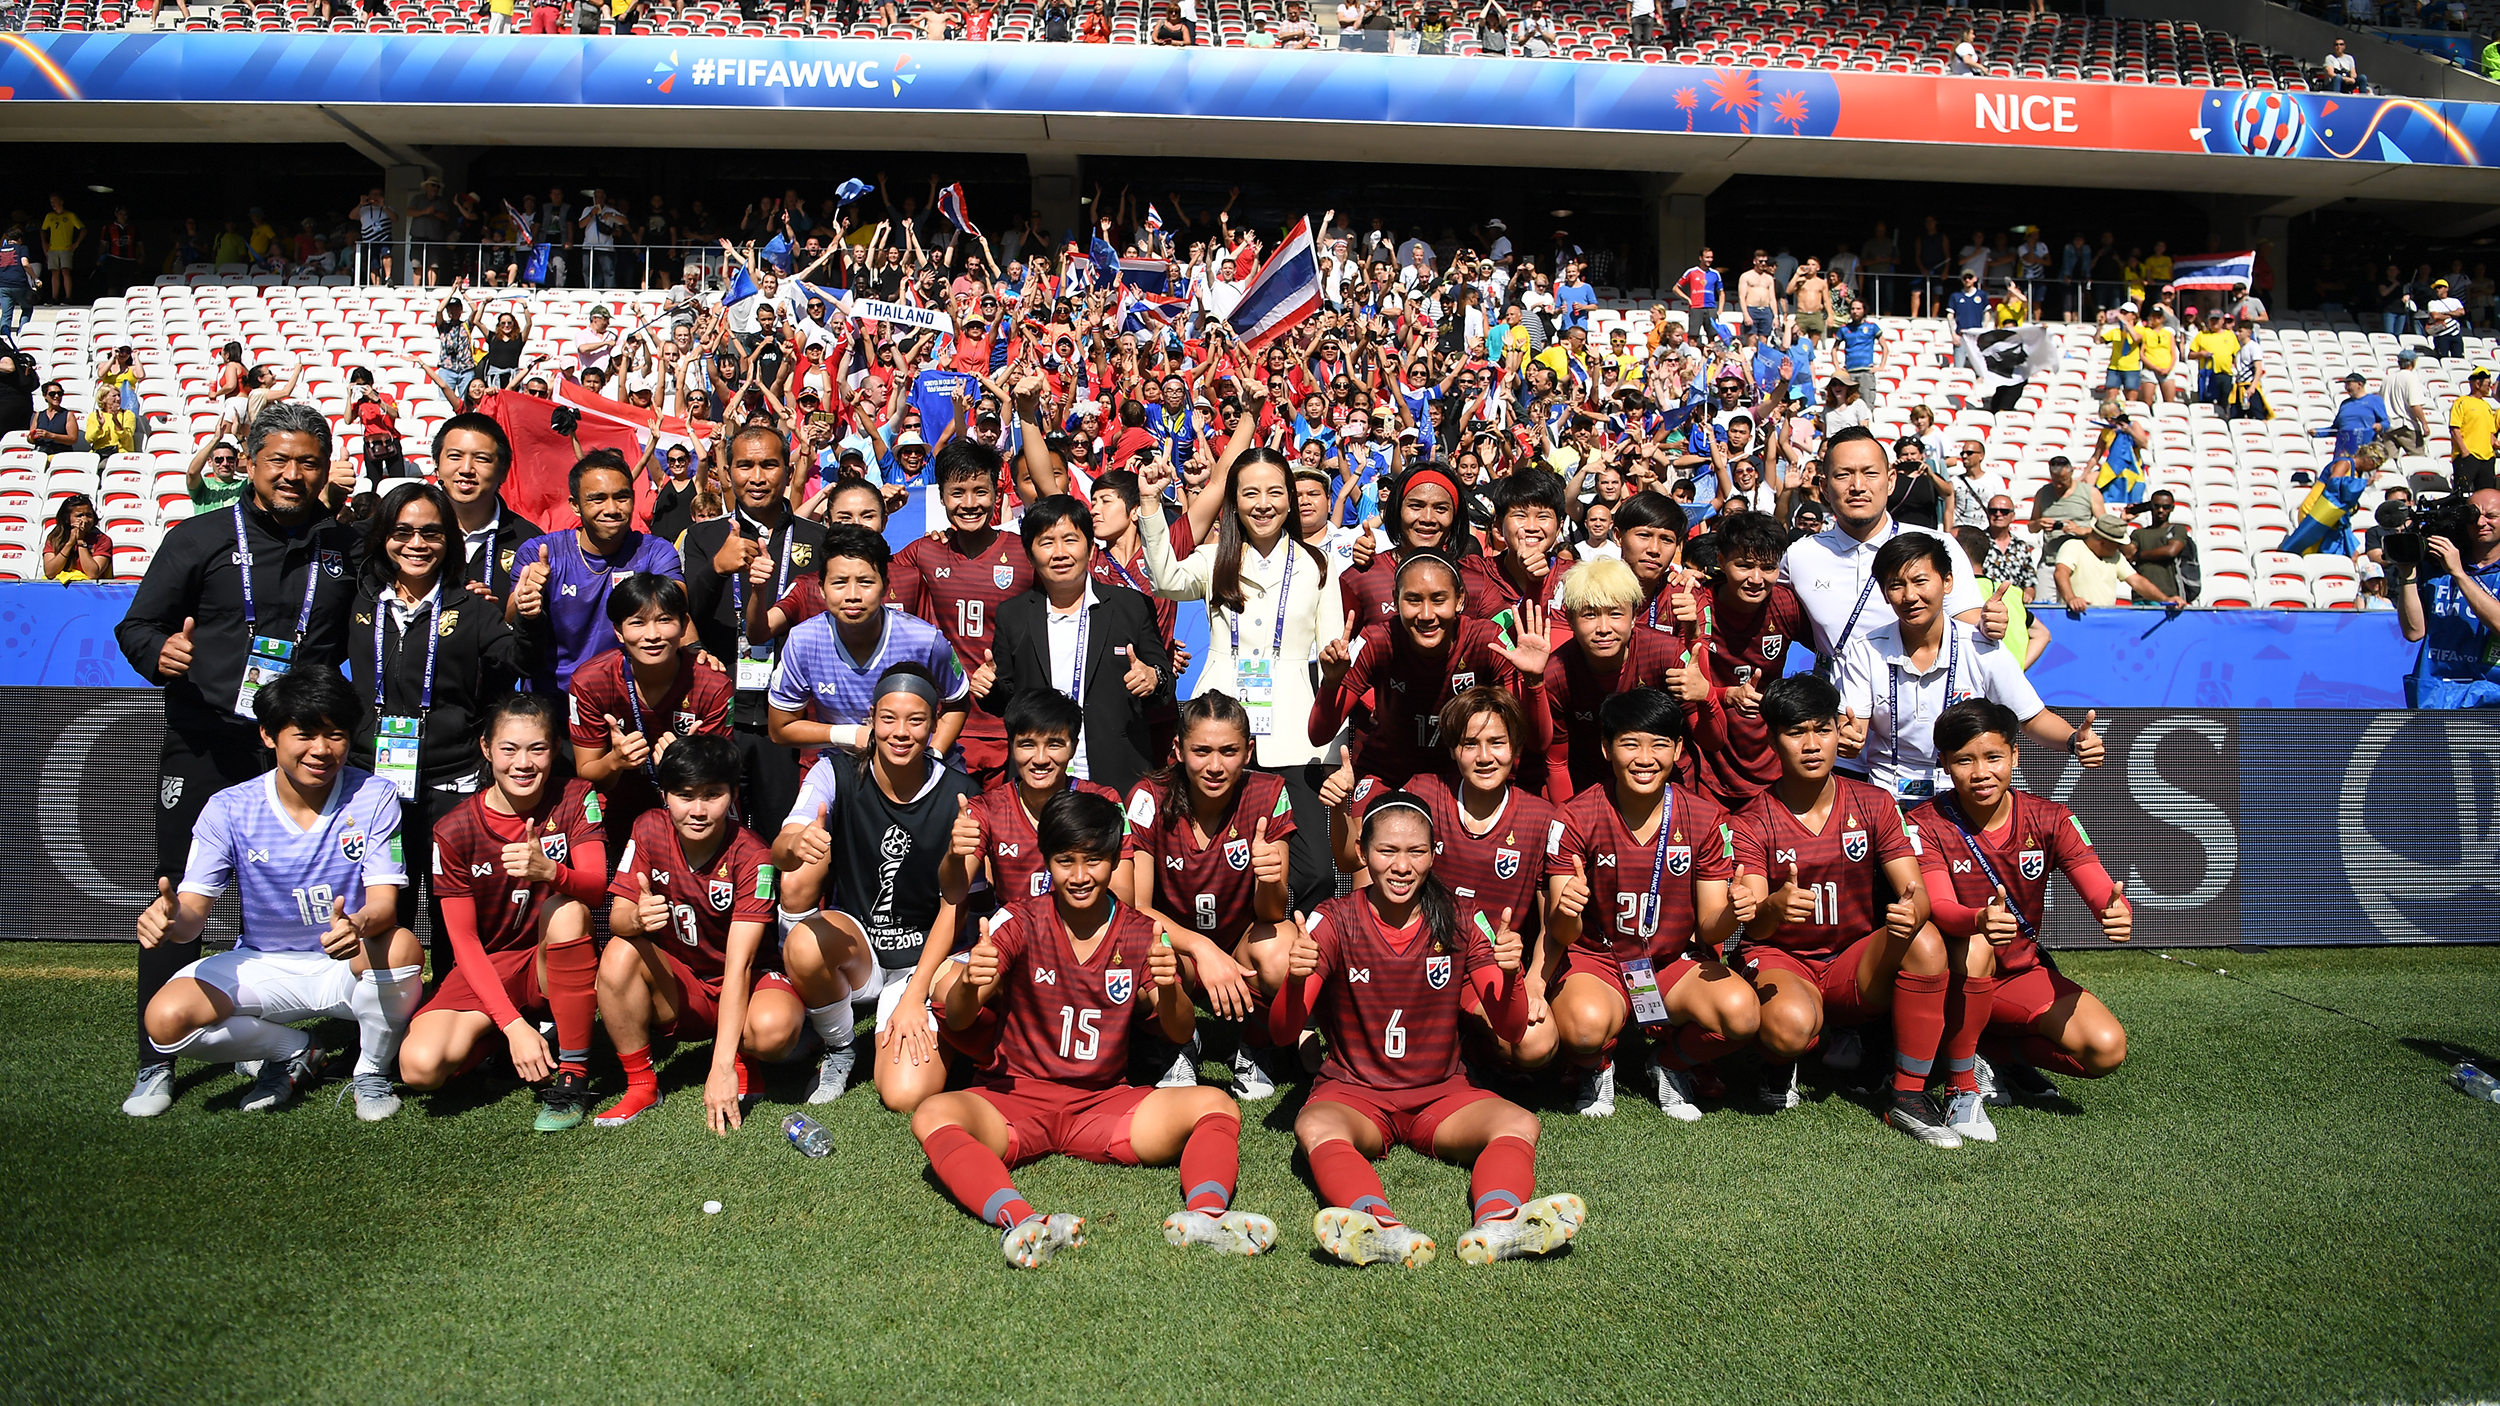 ทีมชาติชิลี ฟุตบอลหญิงทีมชาติไทย ฟุตบอลโลกหญิง 2019 หนึ่งฤทัย สระทองเวียน